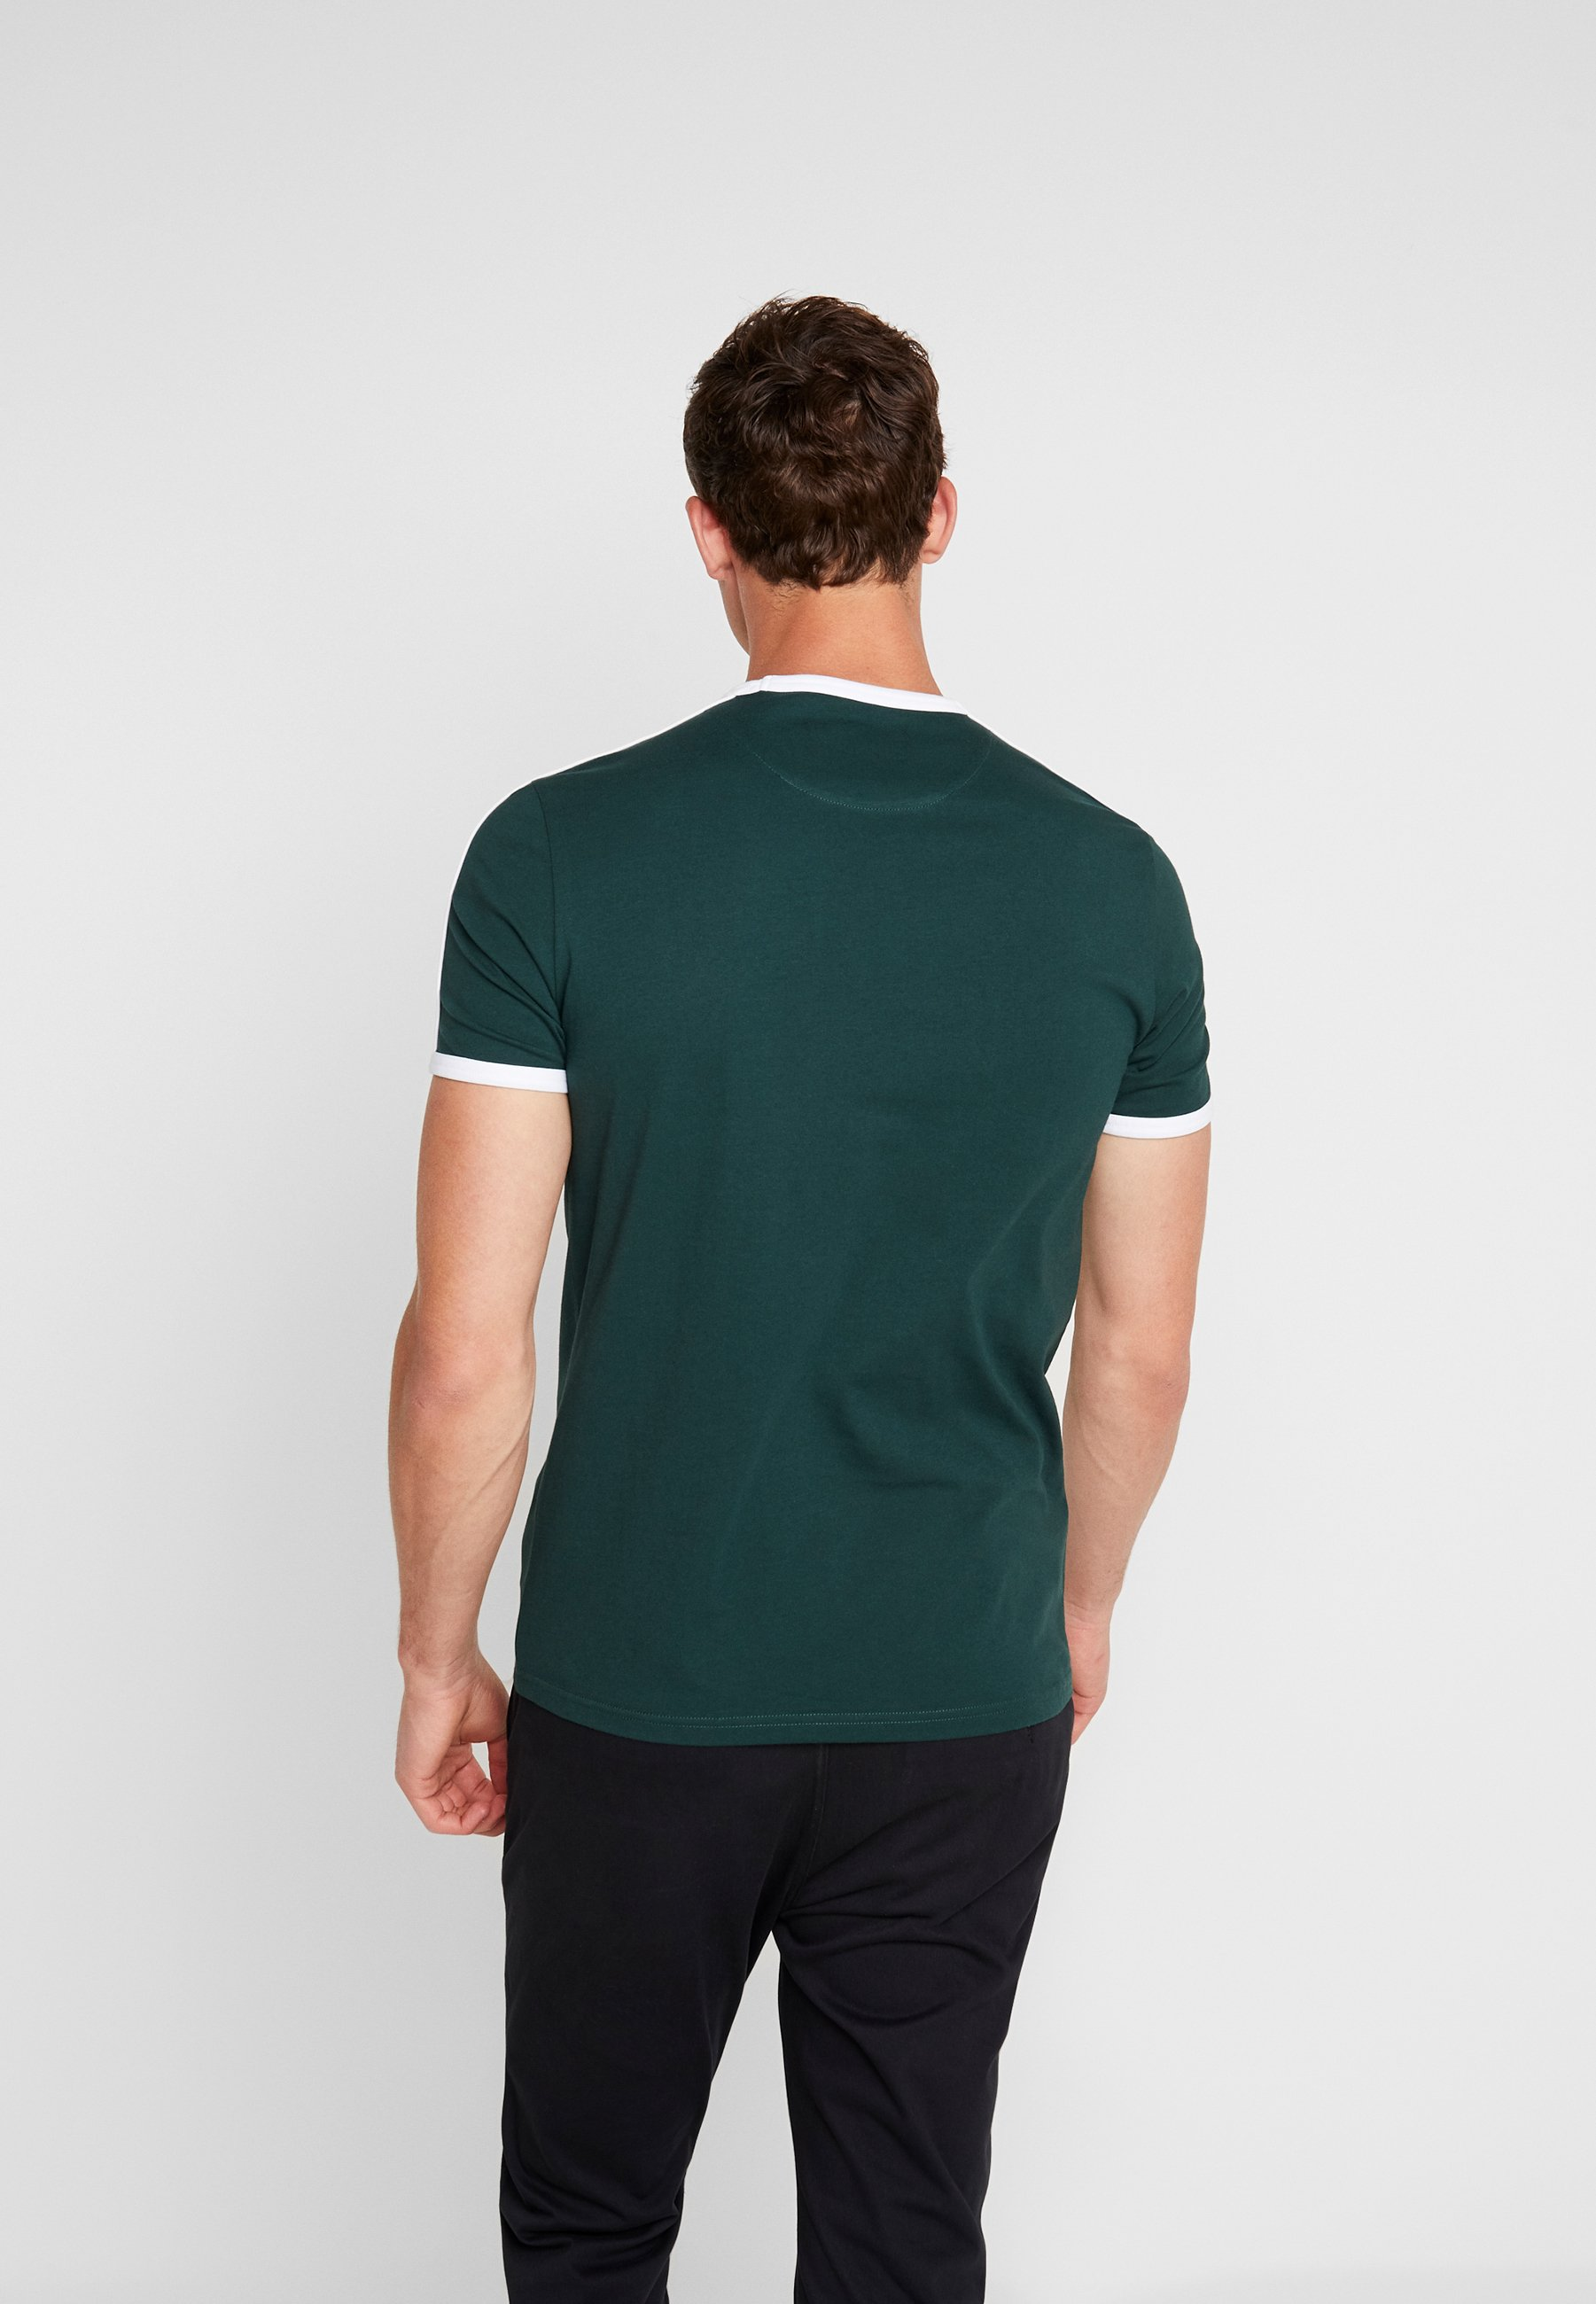 RingerT Jade Green Lyleamp; Scott Imprimé Taping shirt rCdeBxo